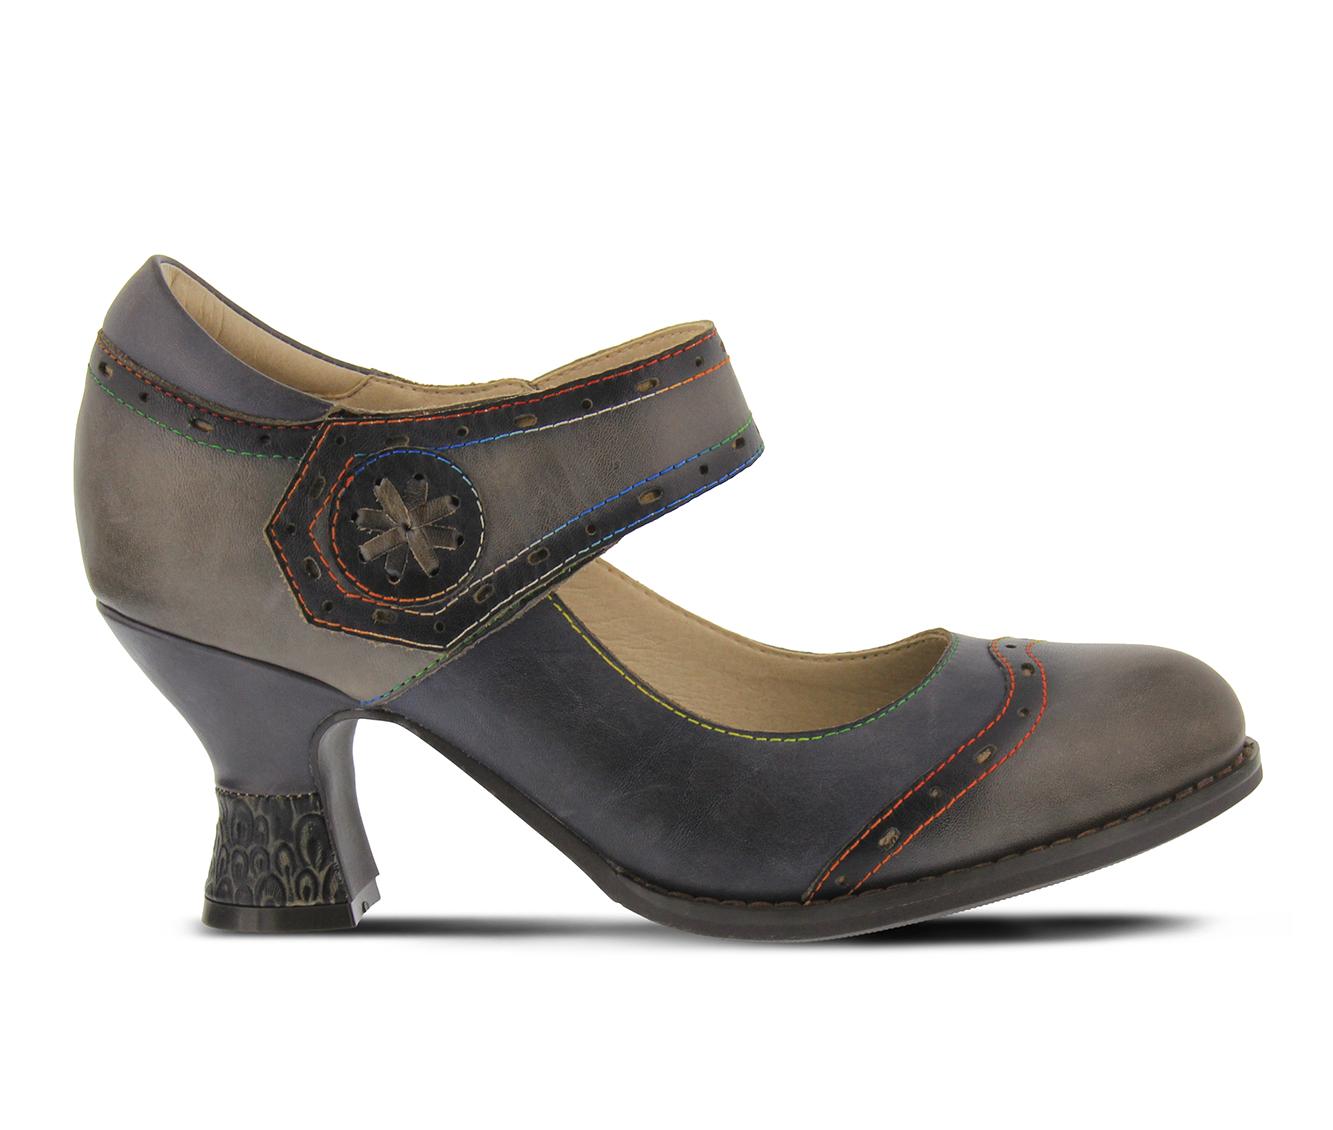 L'Artiste Maryellen Women's Dress Shoe (Gray Leather)